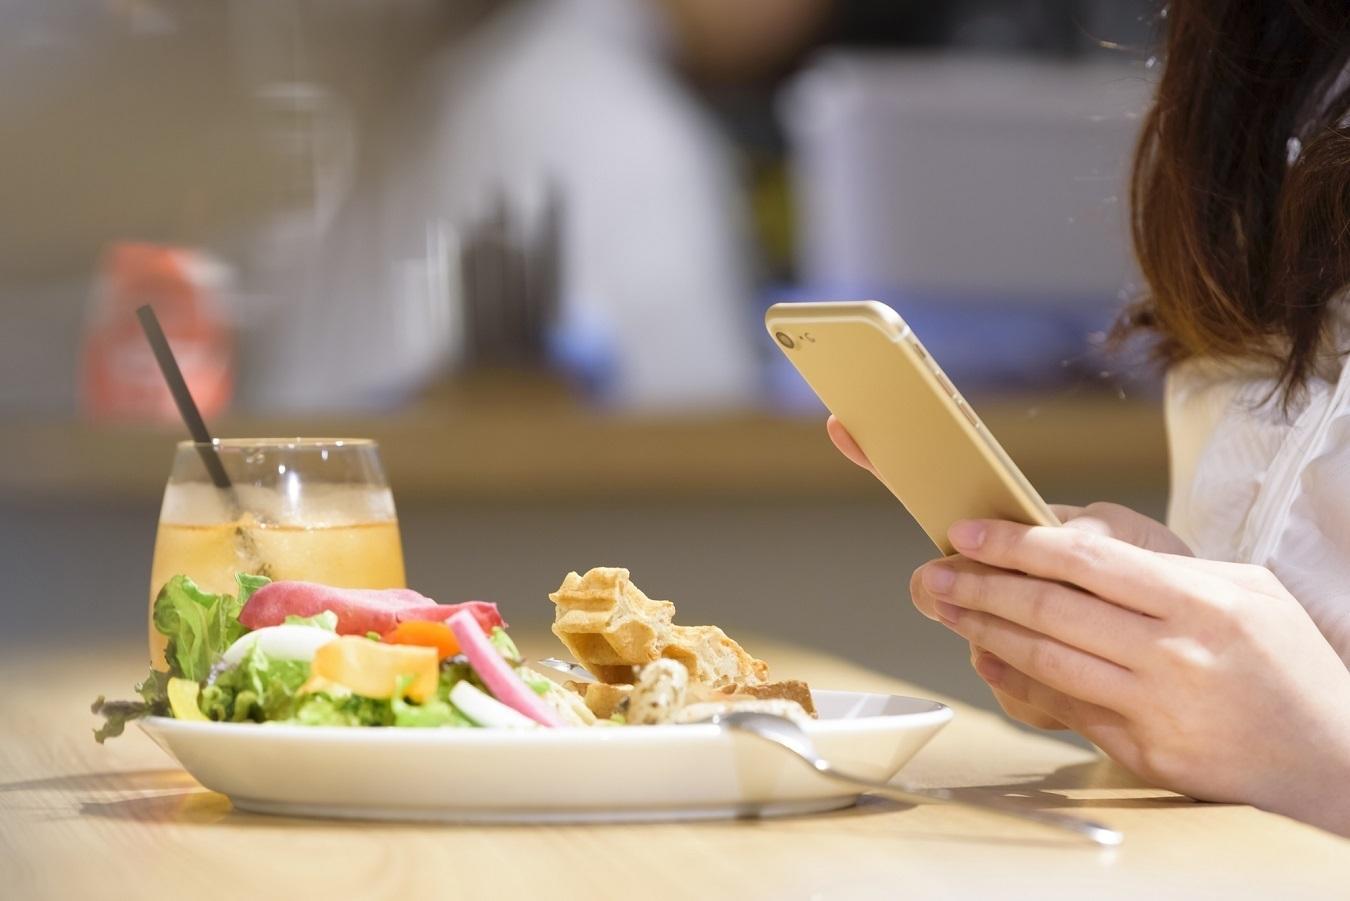 4.栄養指導はAIに任せる時代がくる?未来の食生活と健康